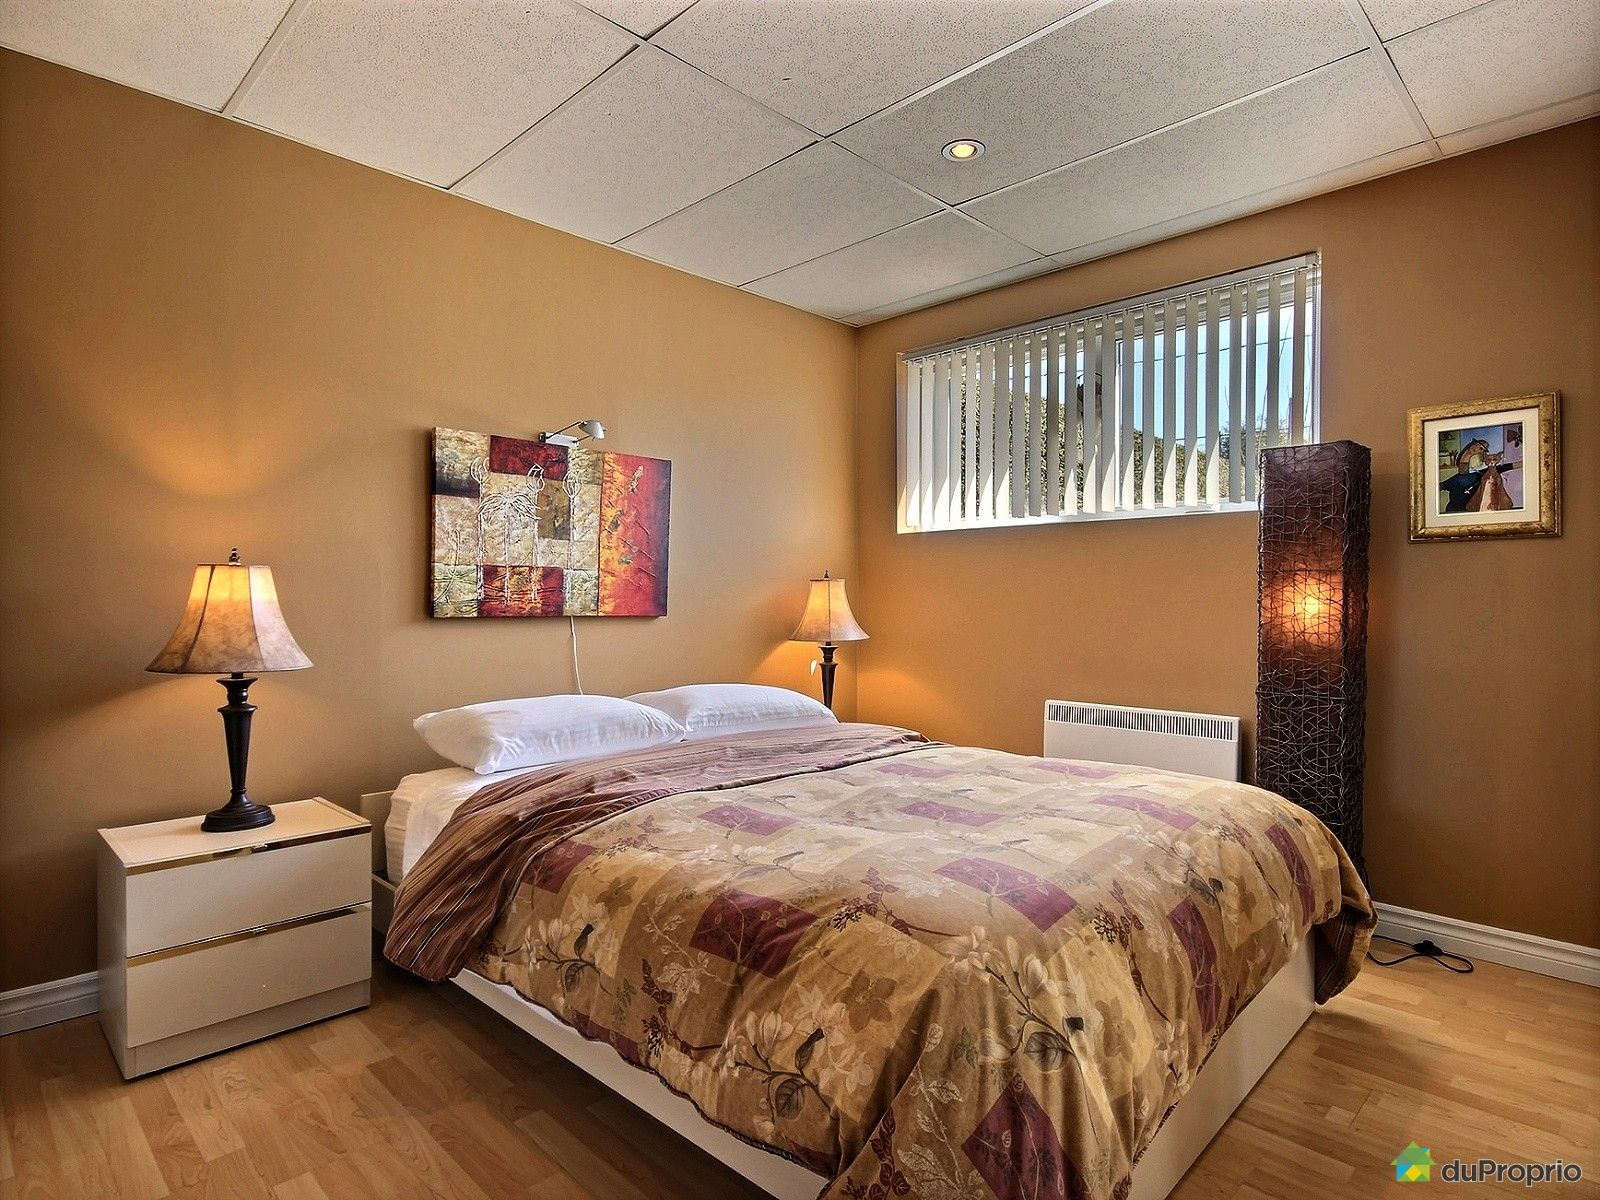 maison vendu l 39 ancienne lorette immobilier qu bec duproprio 698947. Black Bedroom Furniture Sets. Home Design Ideas